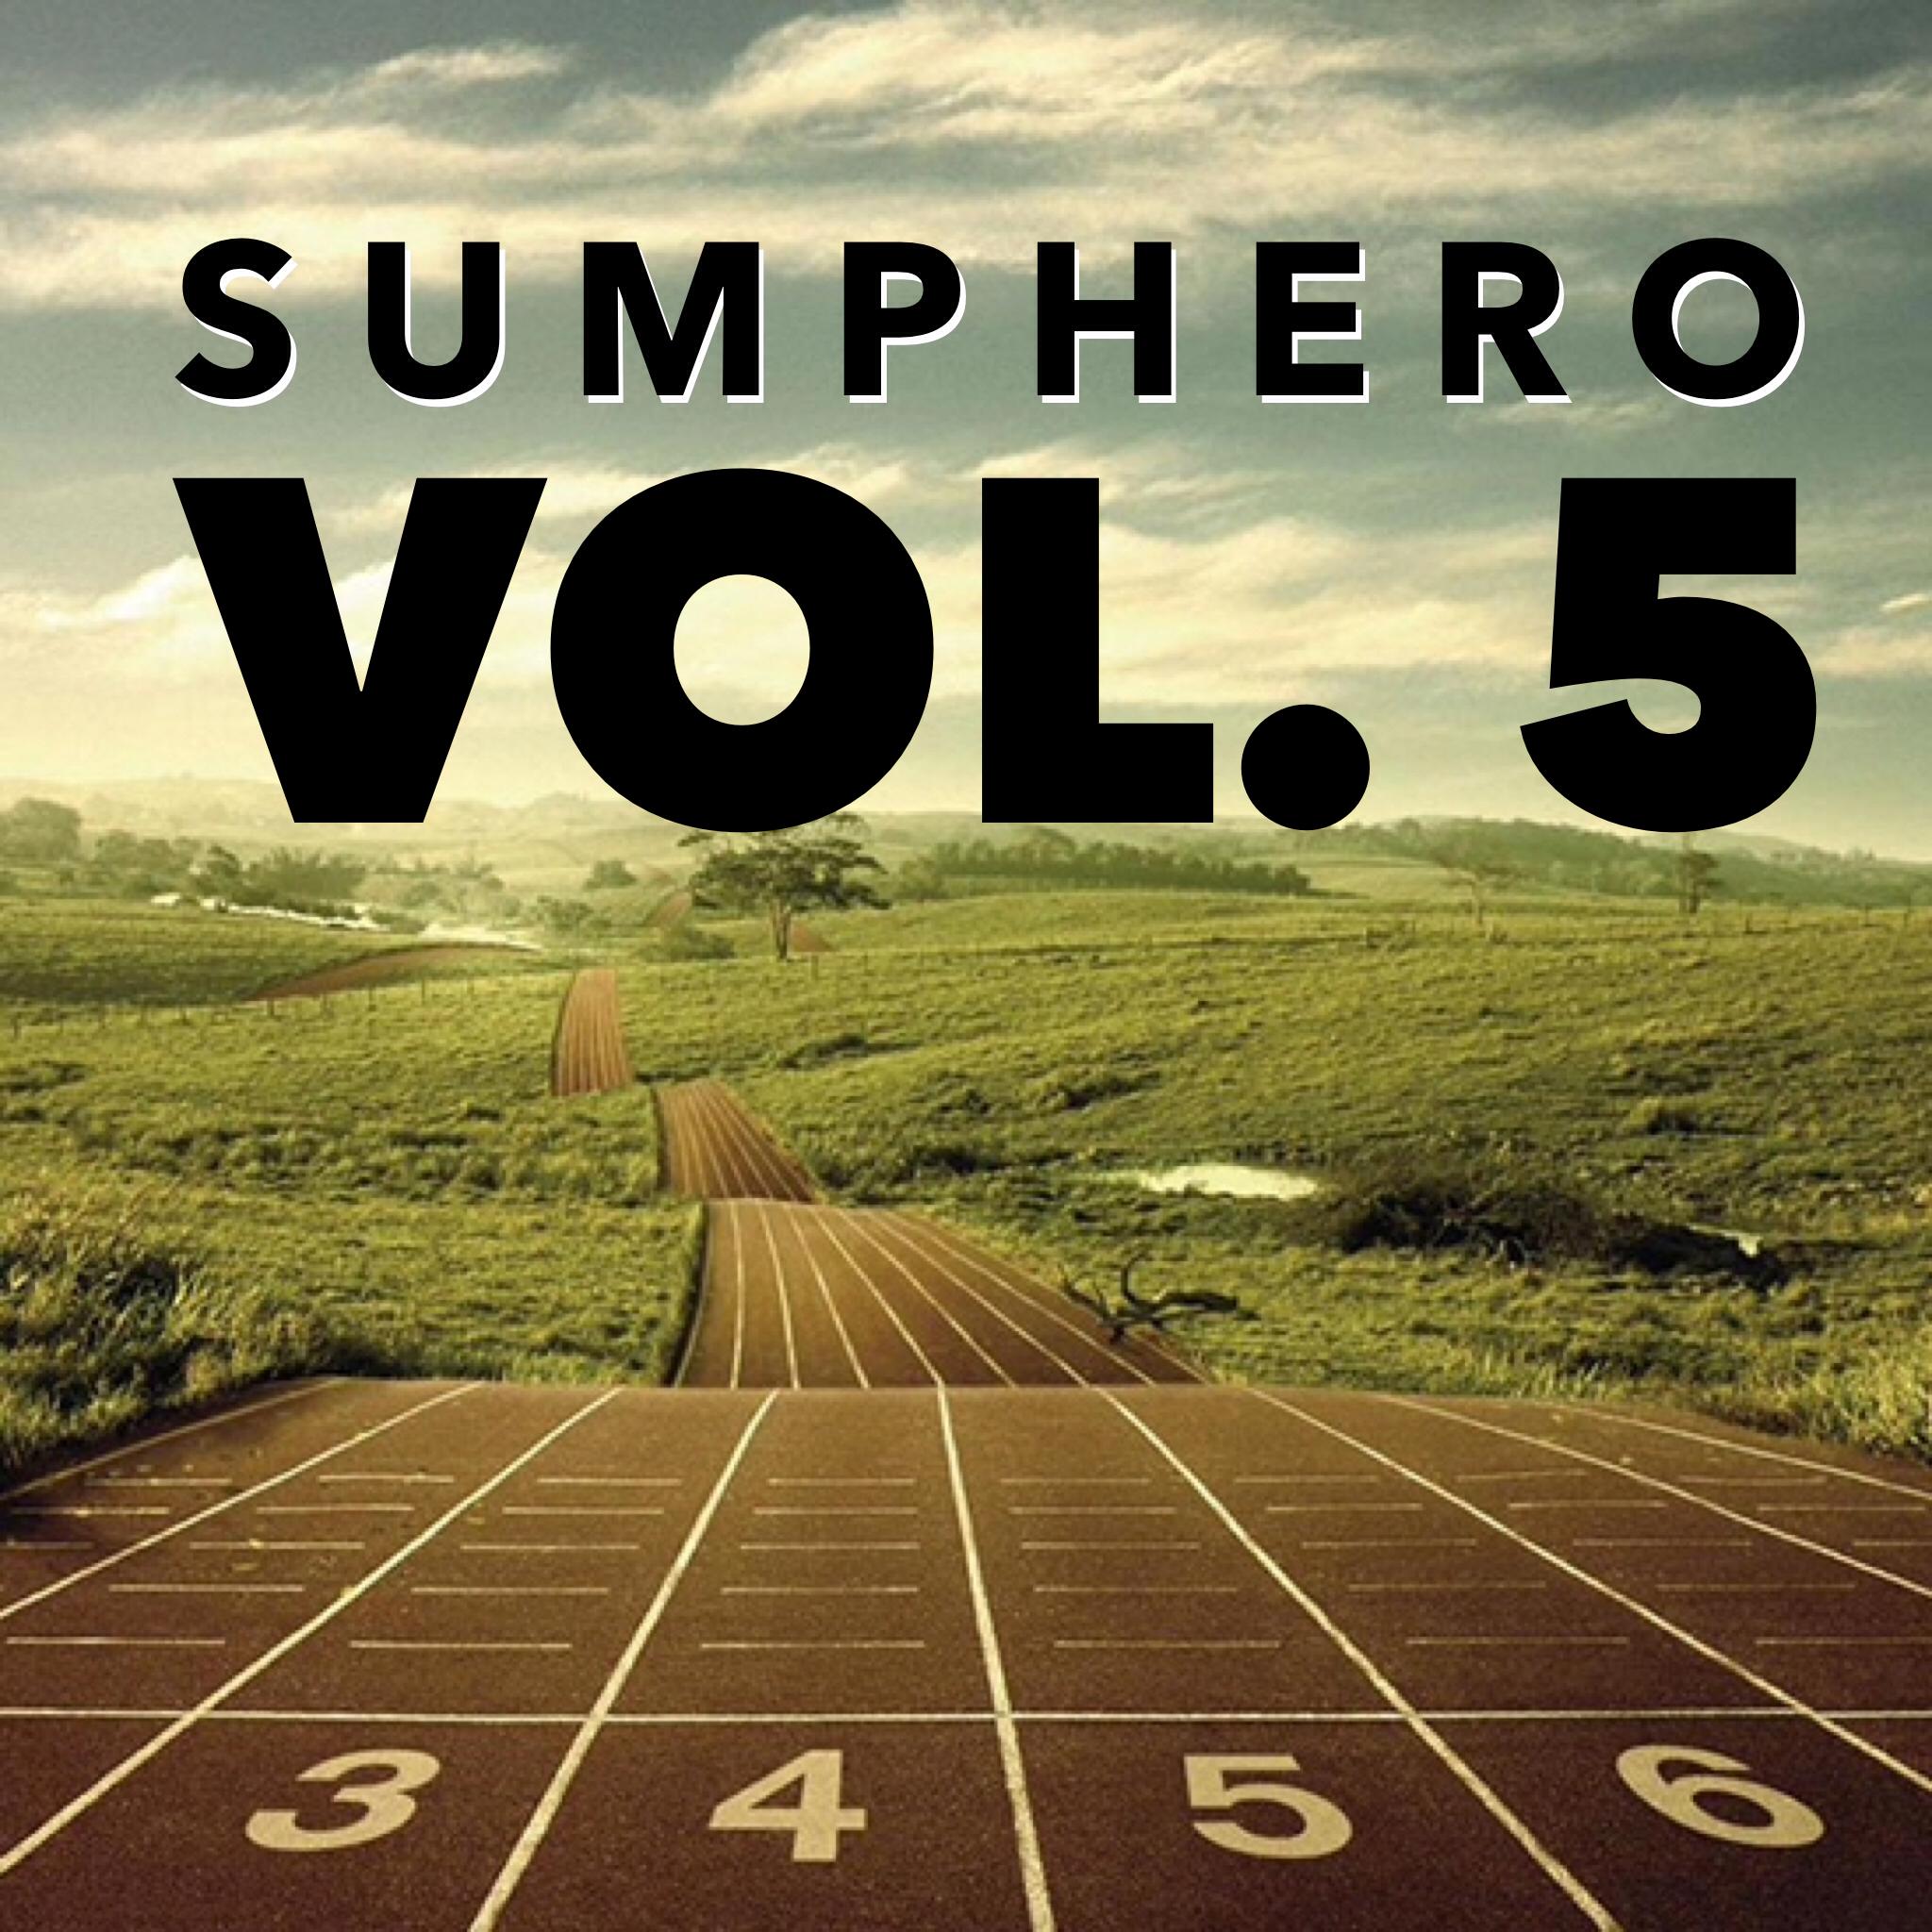 Sumphero Vol 5